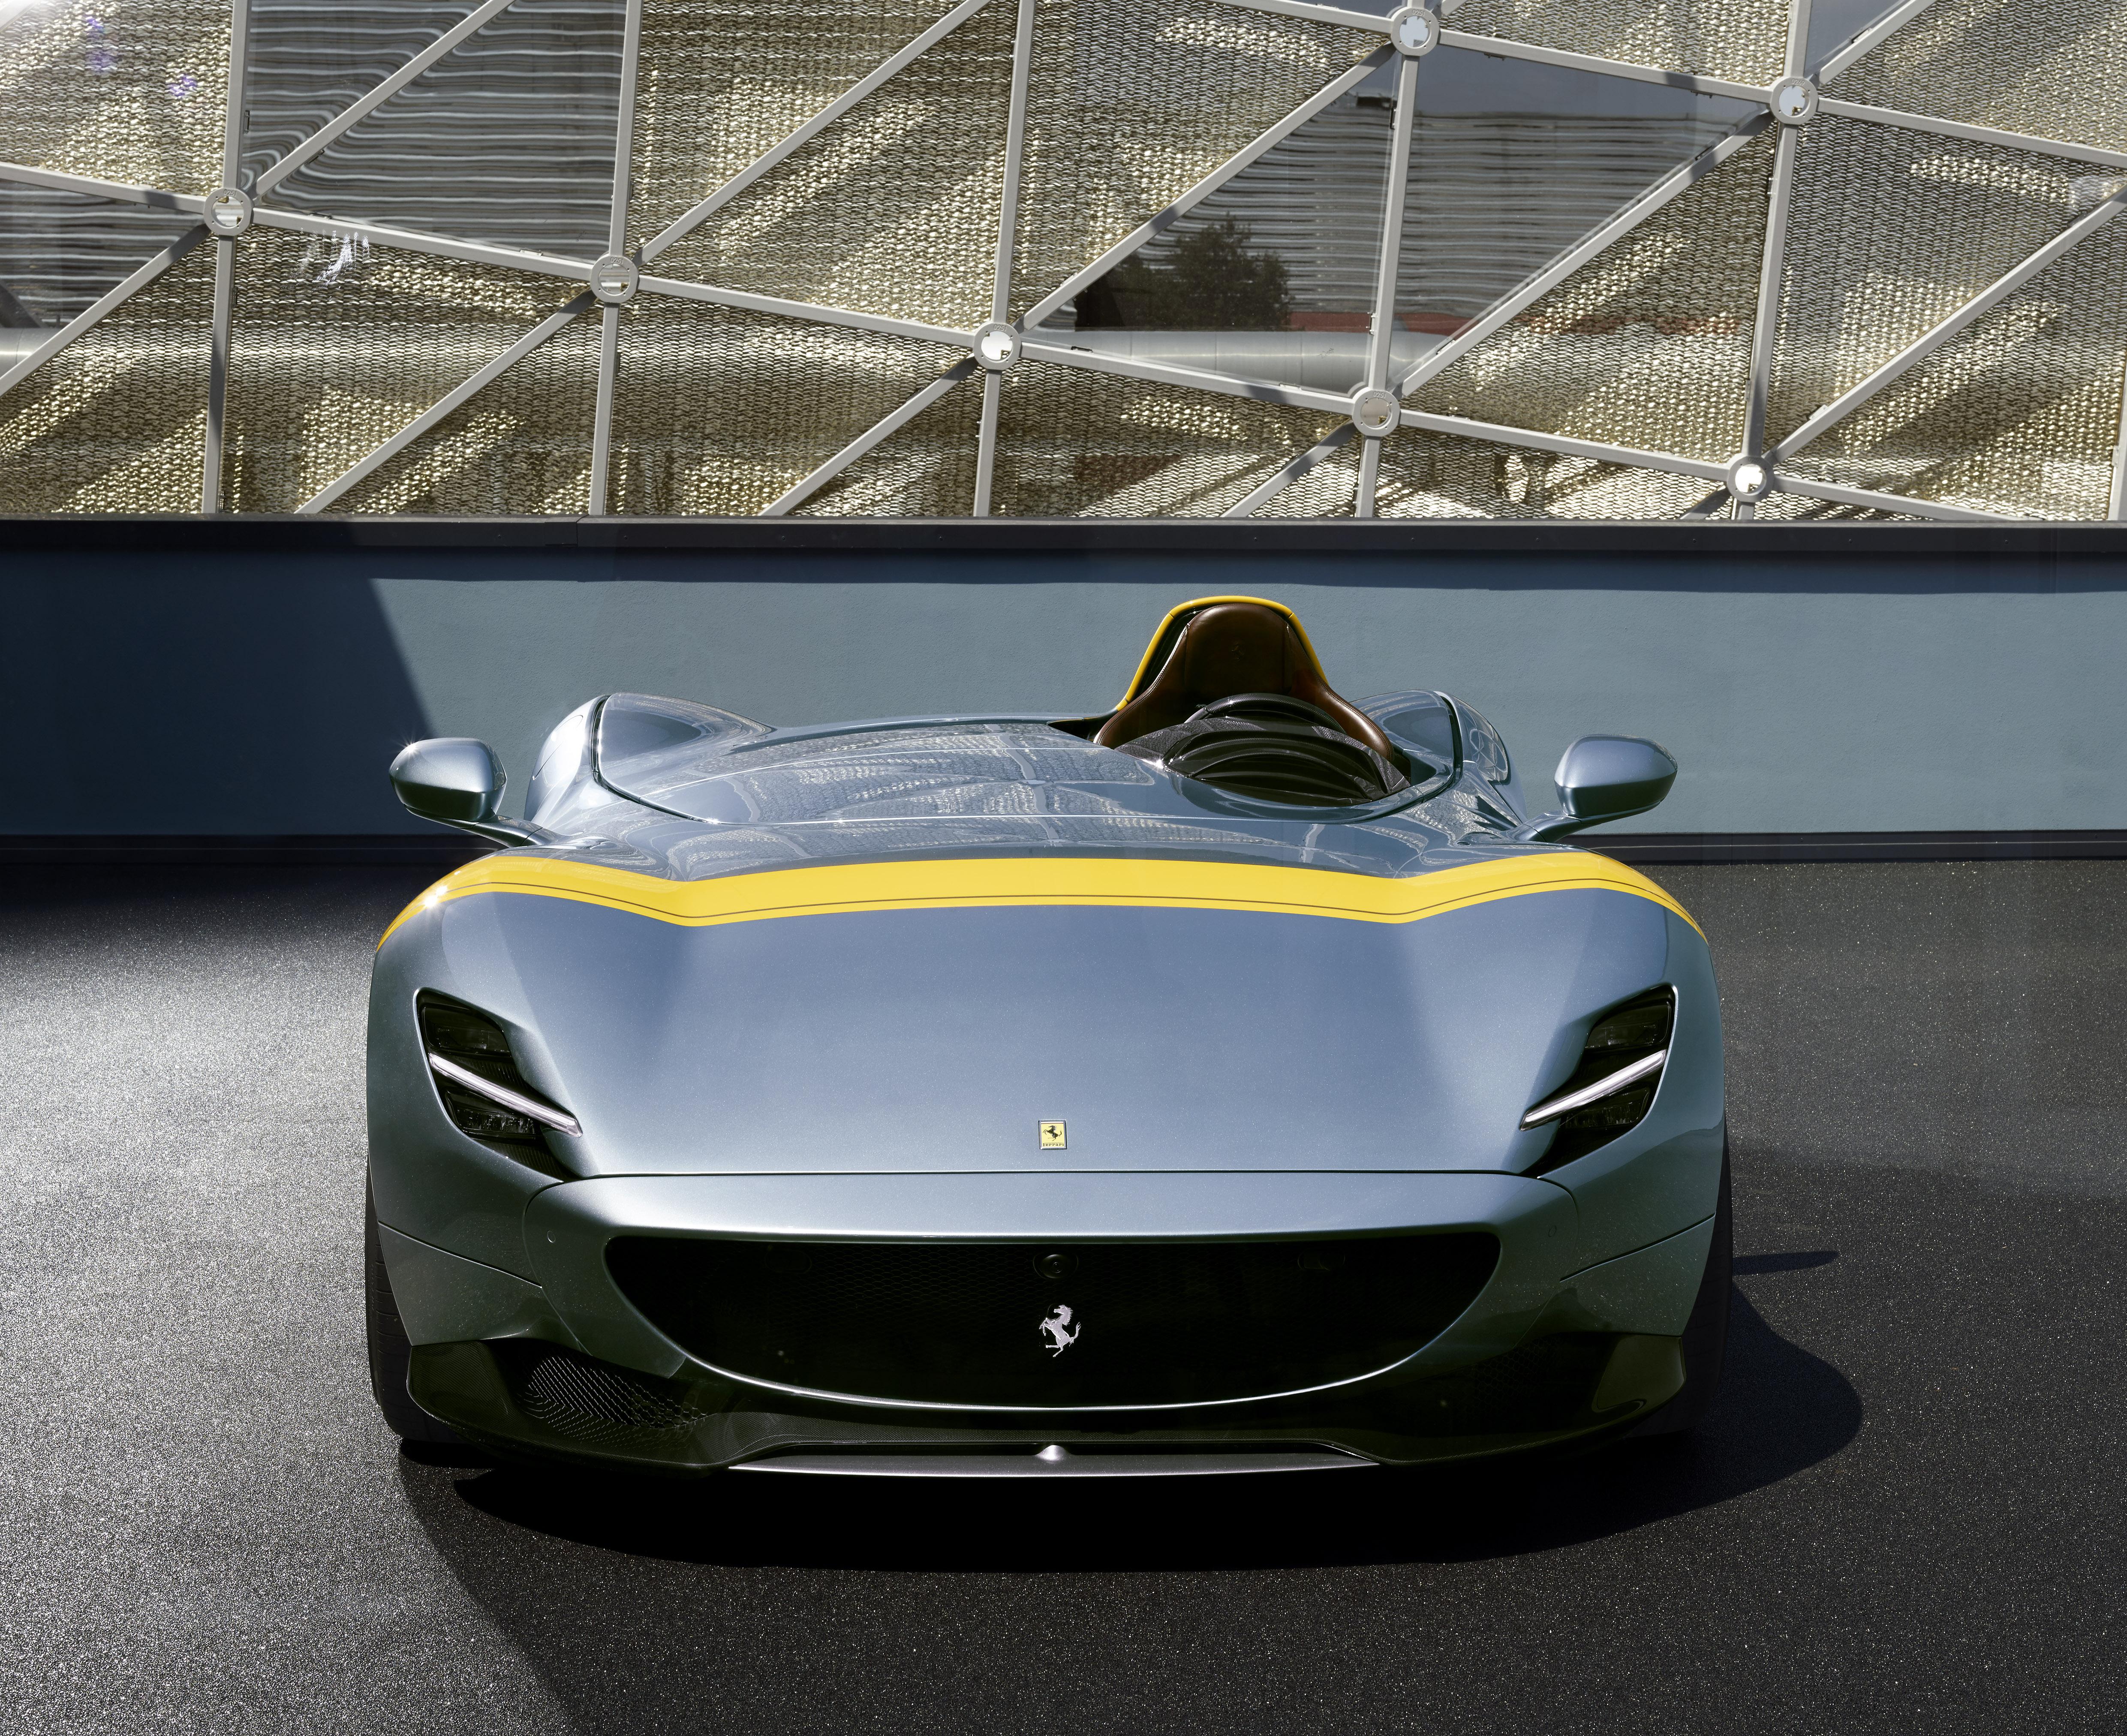 Ferrari-car-monza-sp1 (1)